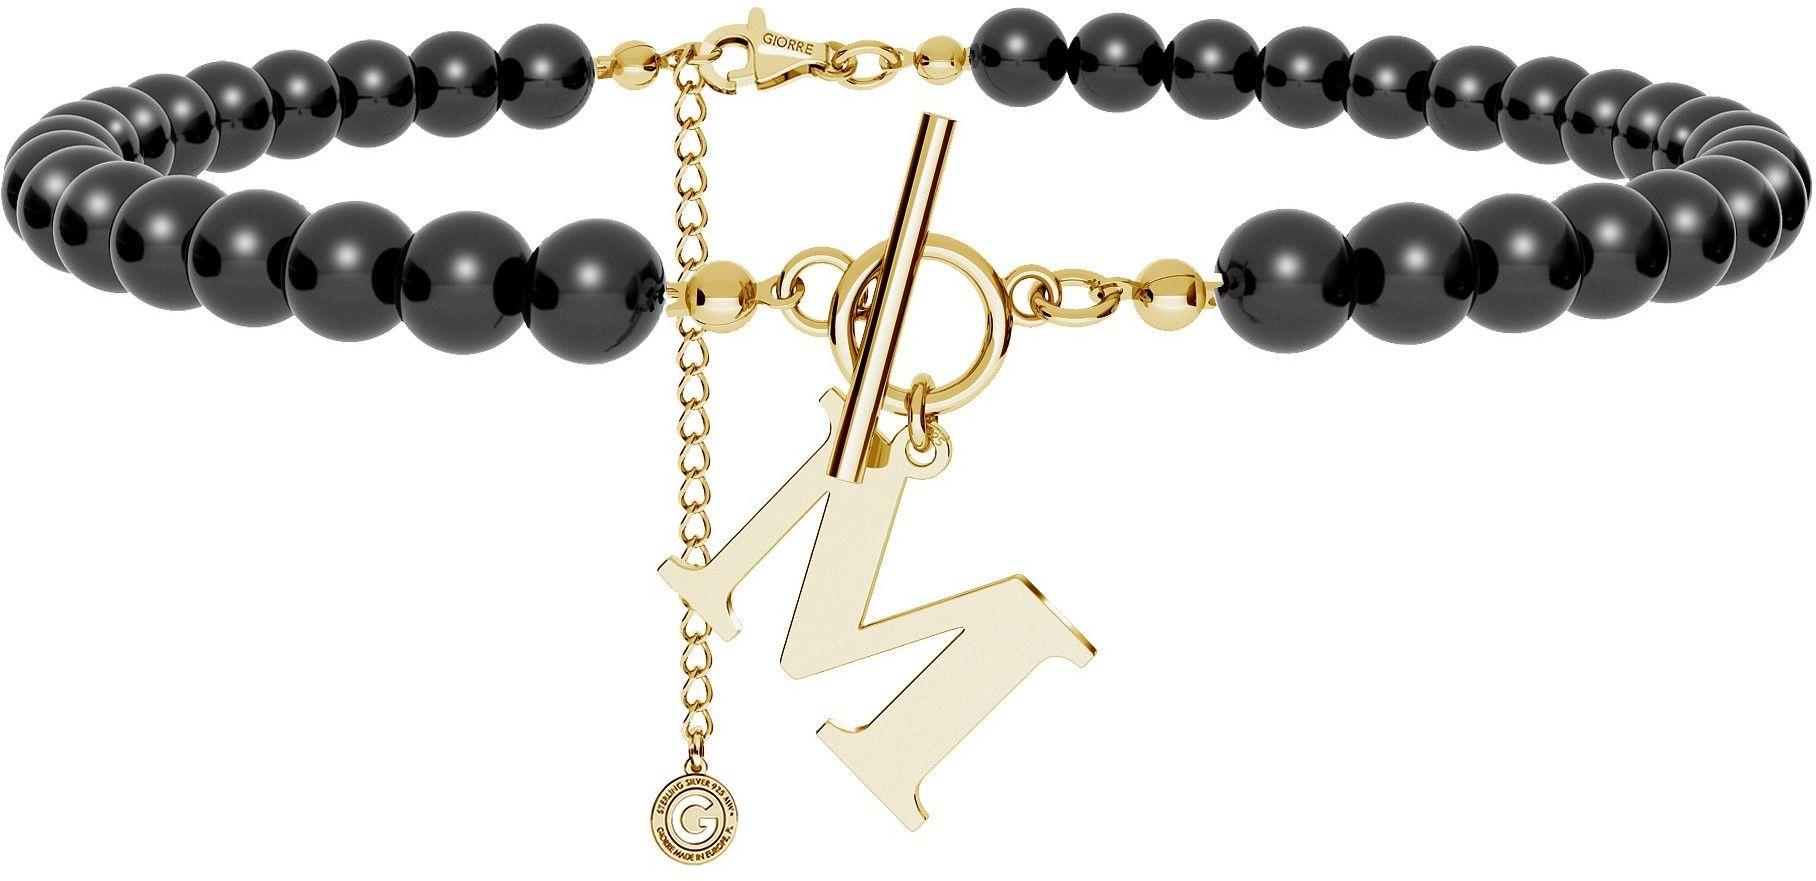 Czarny perłowy choker z dowolną literą, Swarovski, srebro 925 : Litera - T, Srebro - kolor pokrycia - Pokrycie platyną